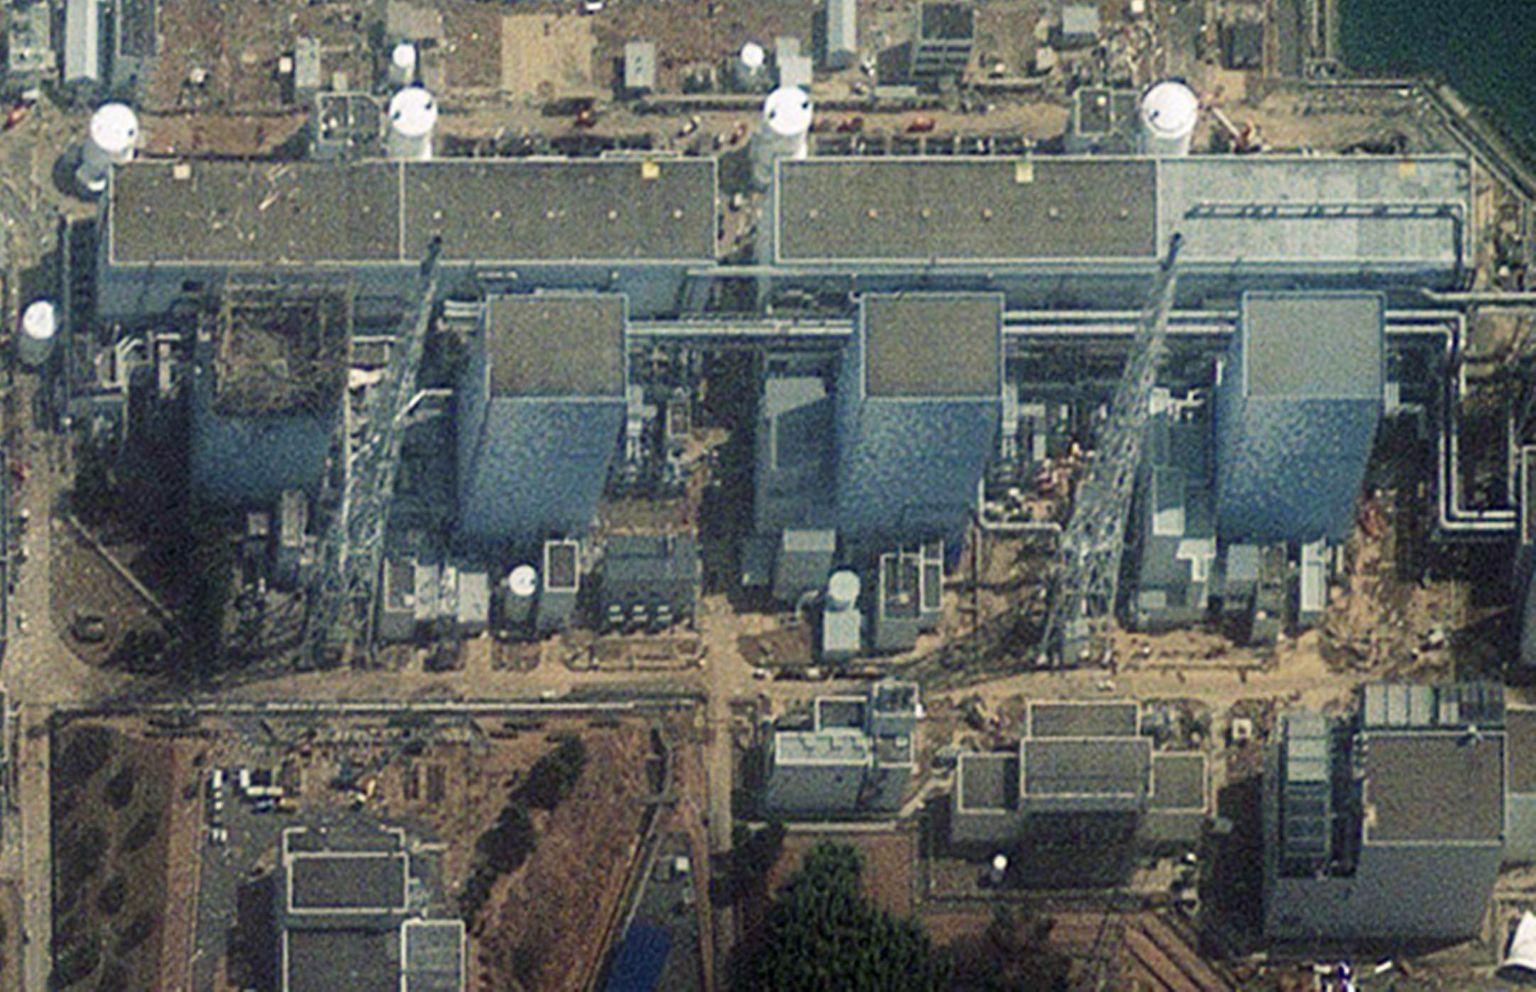 2011-03-16T043914Z_01_SGP229R_RTRMDNP_3_JAPAN-QUAKE.JPG1070855149919805785.jpg